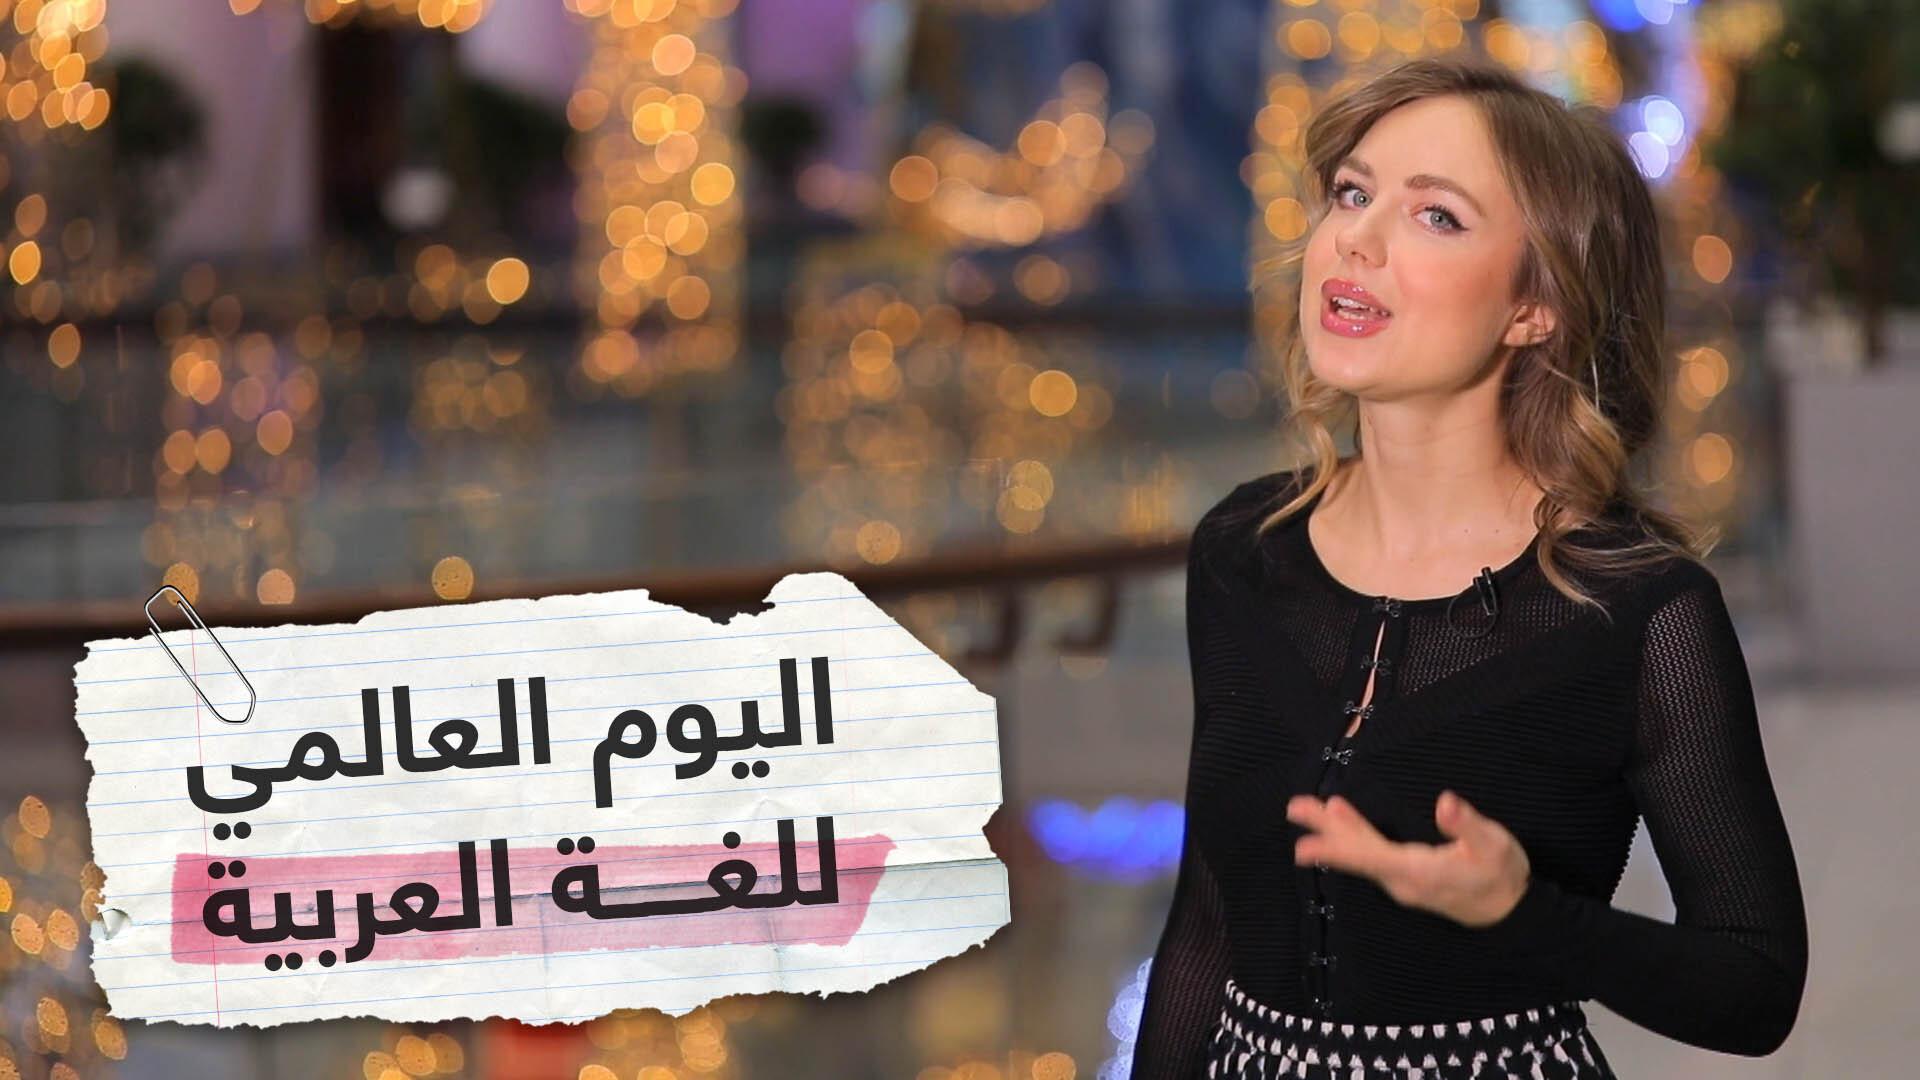 ما هو فضل اللغة العربية على الروسية؟